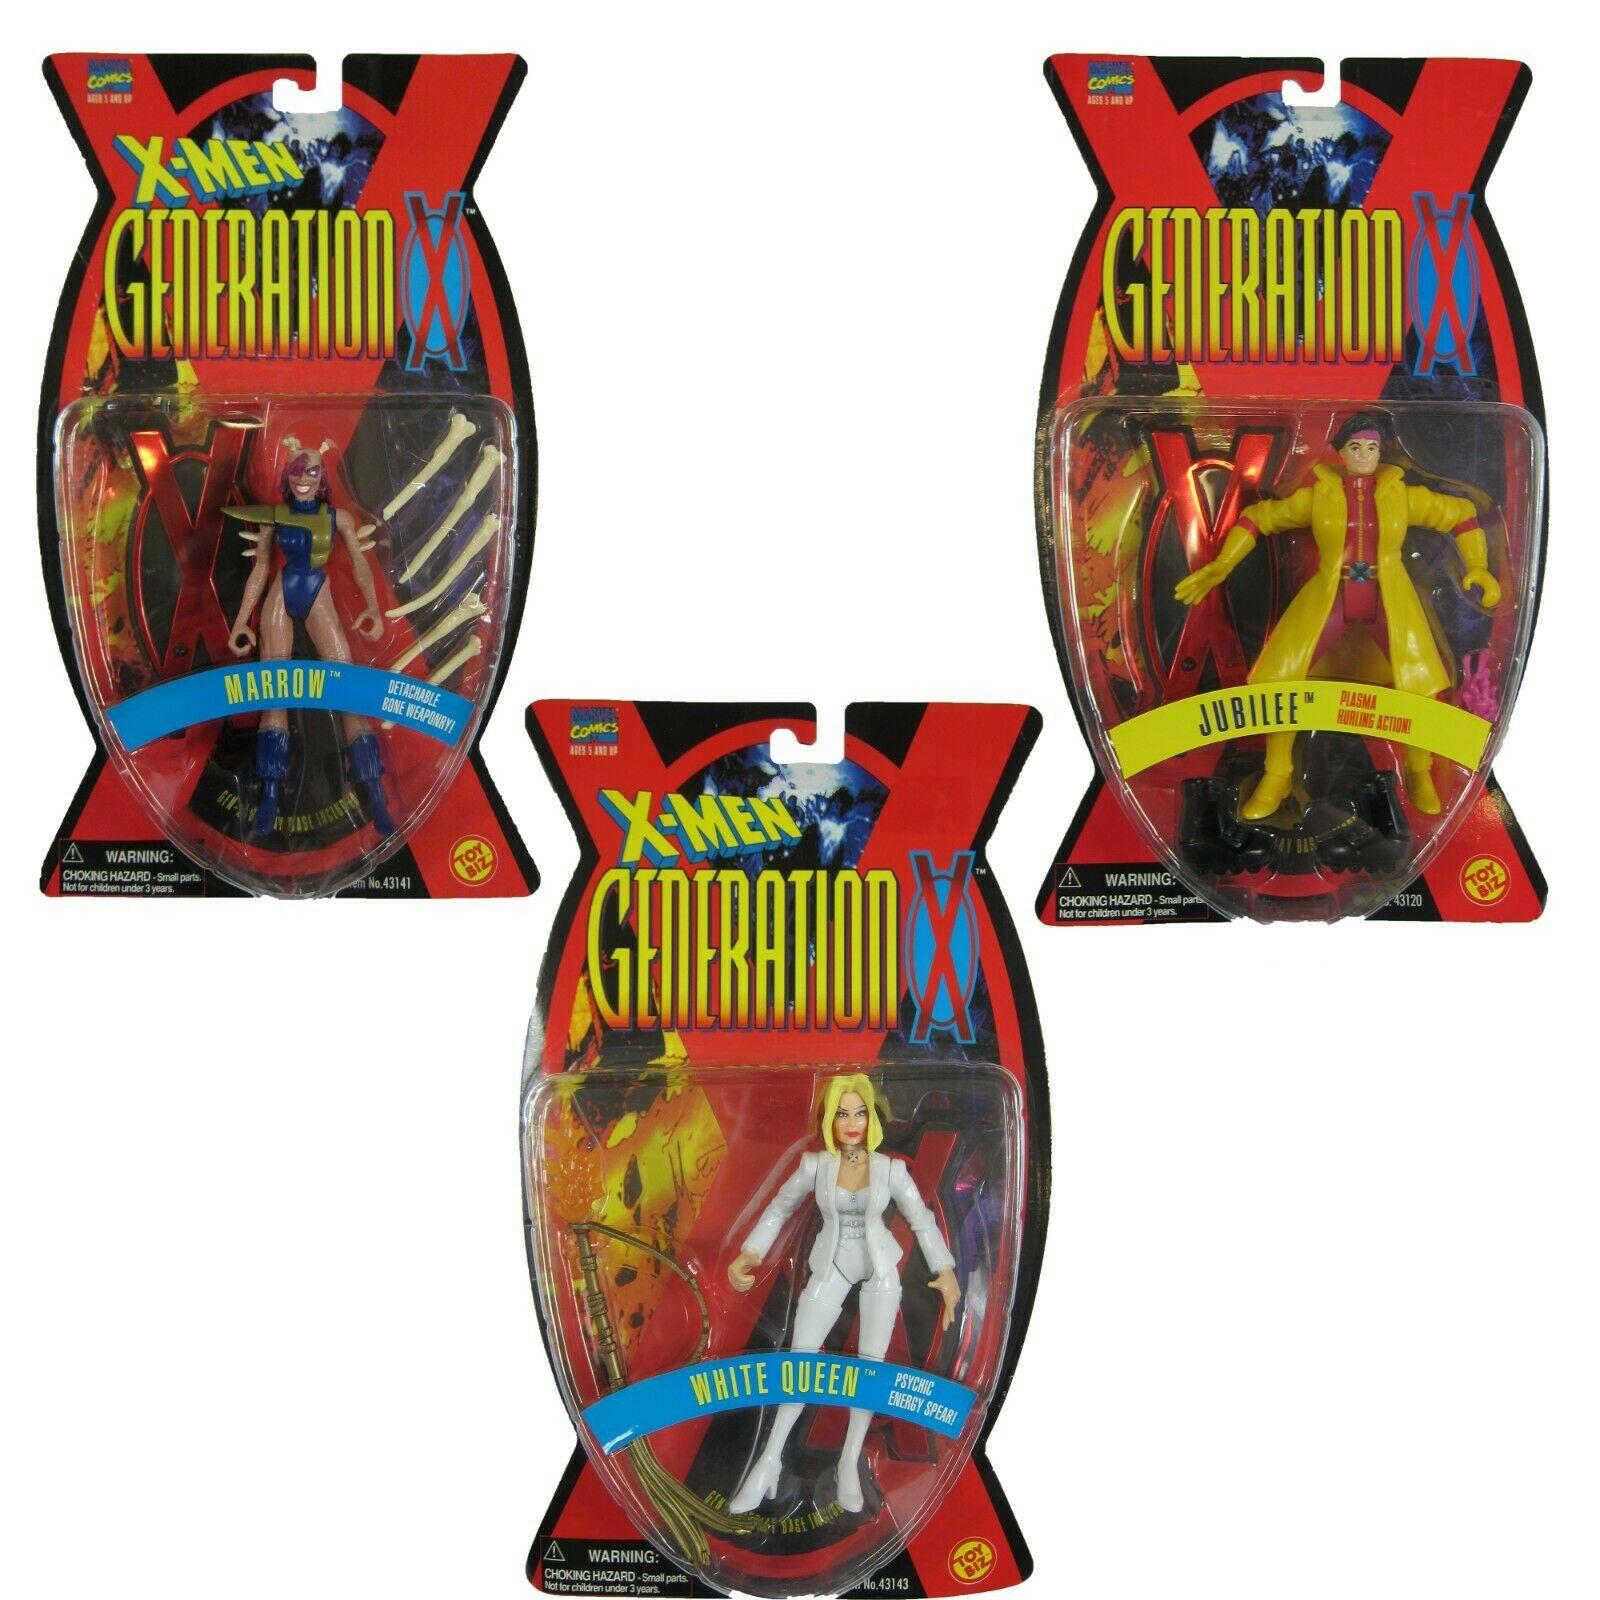 Lot 3 X-Men Generation X Jubilee, White Queen, & Marrow Action Figures Toy Biz - $29.99